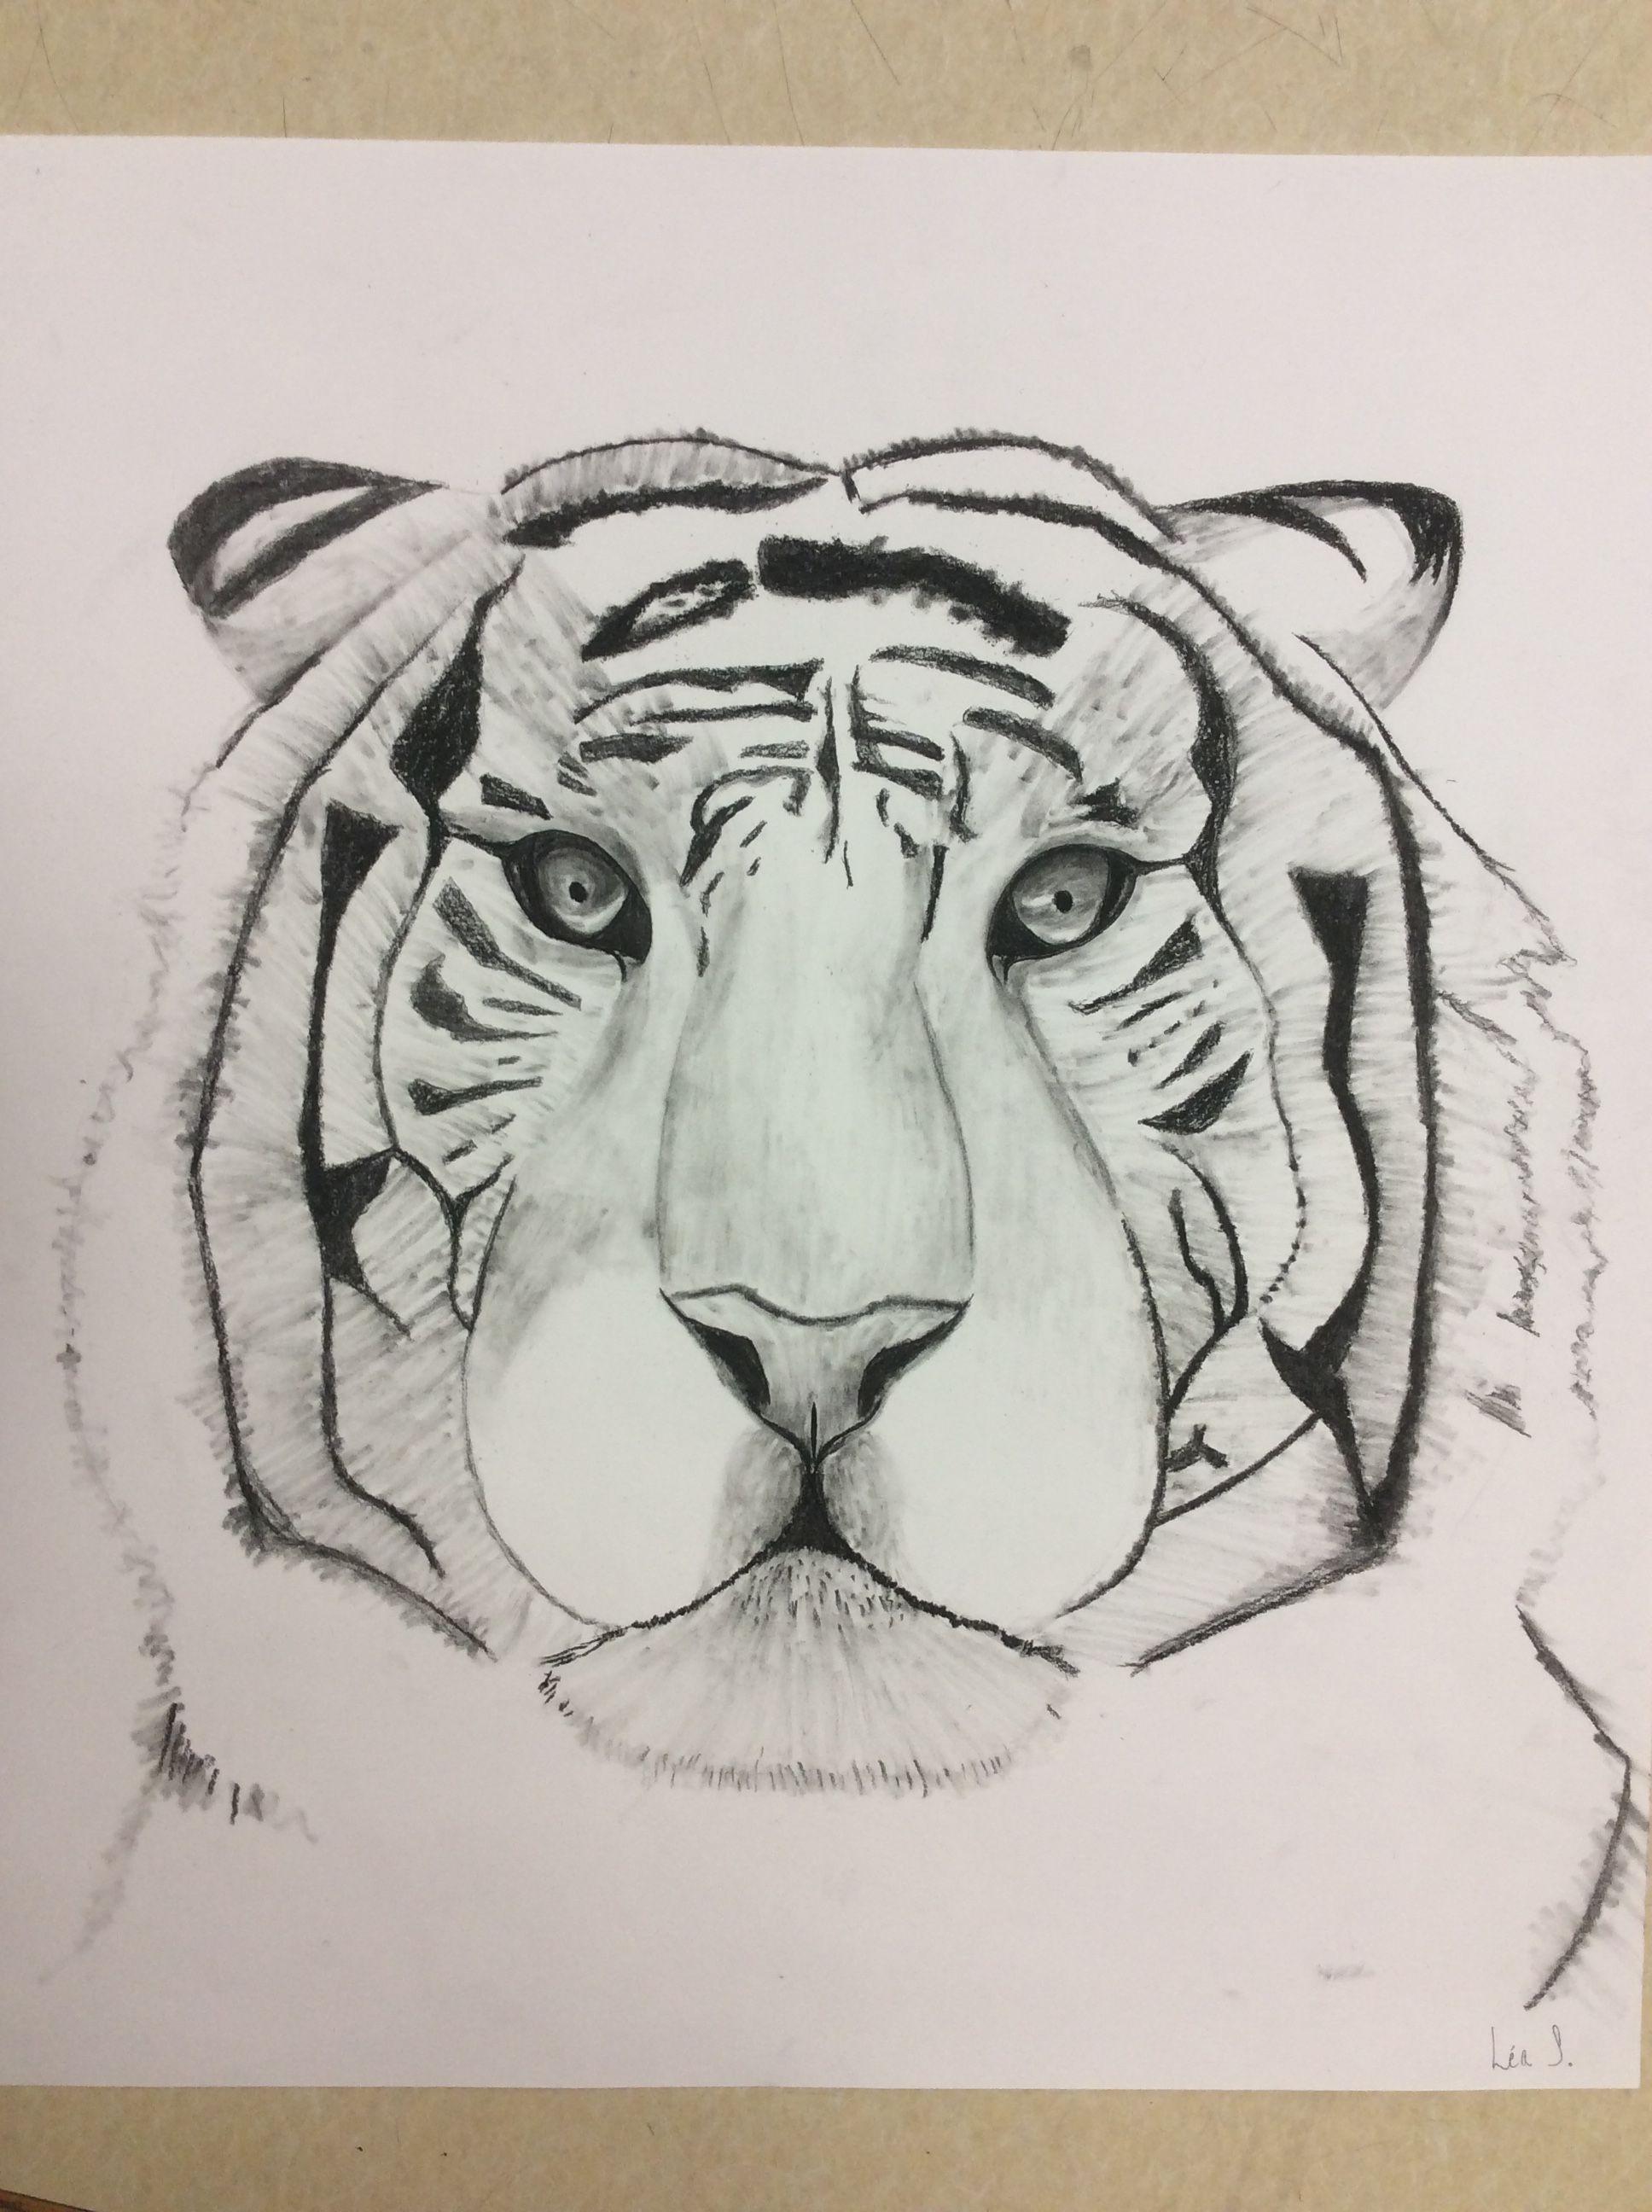 Dessin D Un Tigre Realiste Au Fusain Dessin In 2018 Pinterest Art